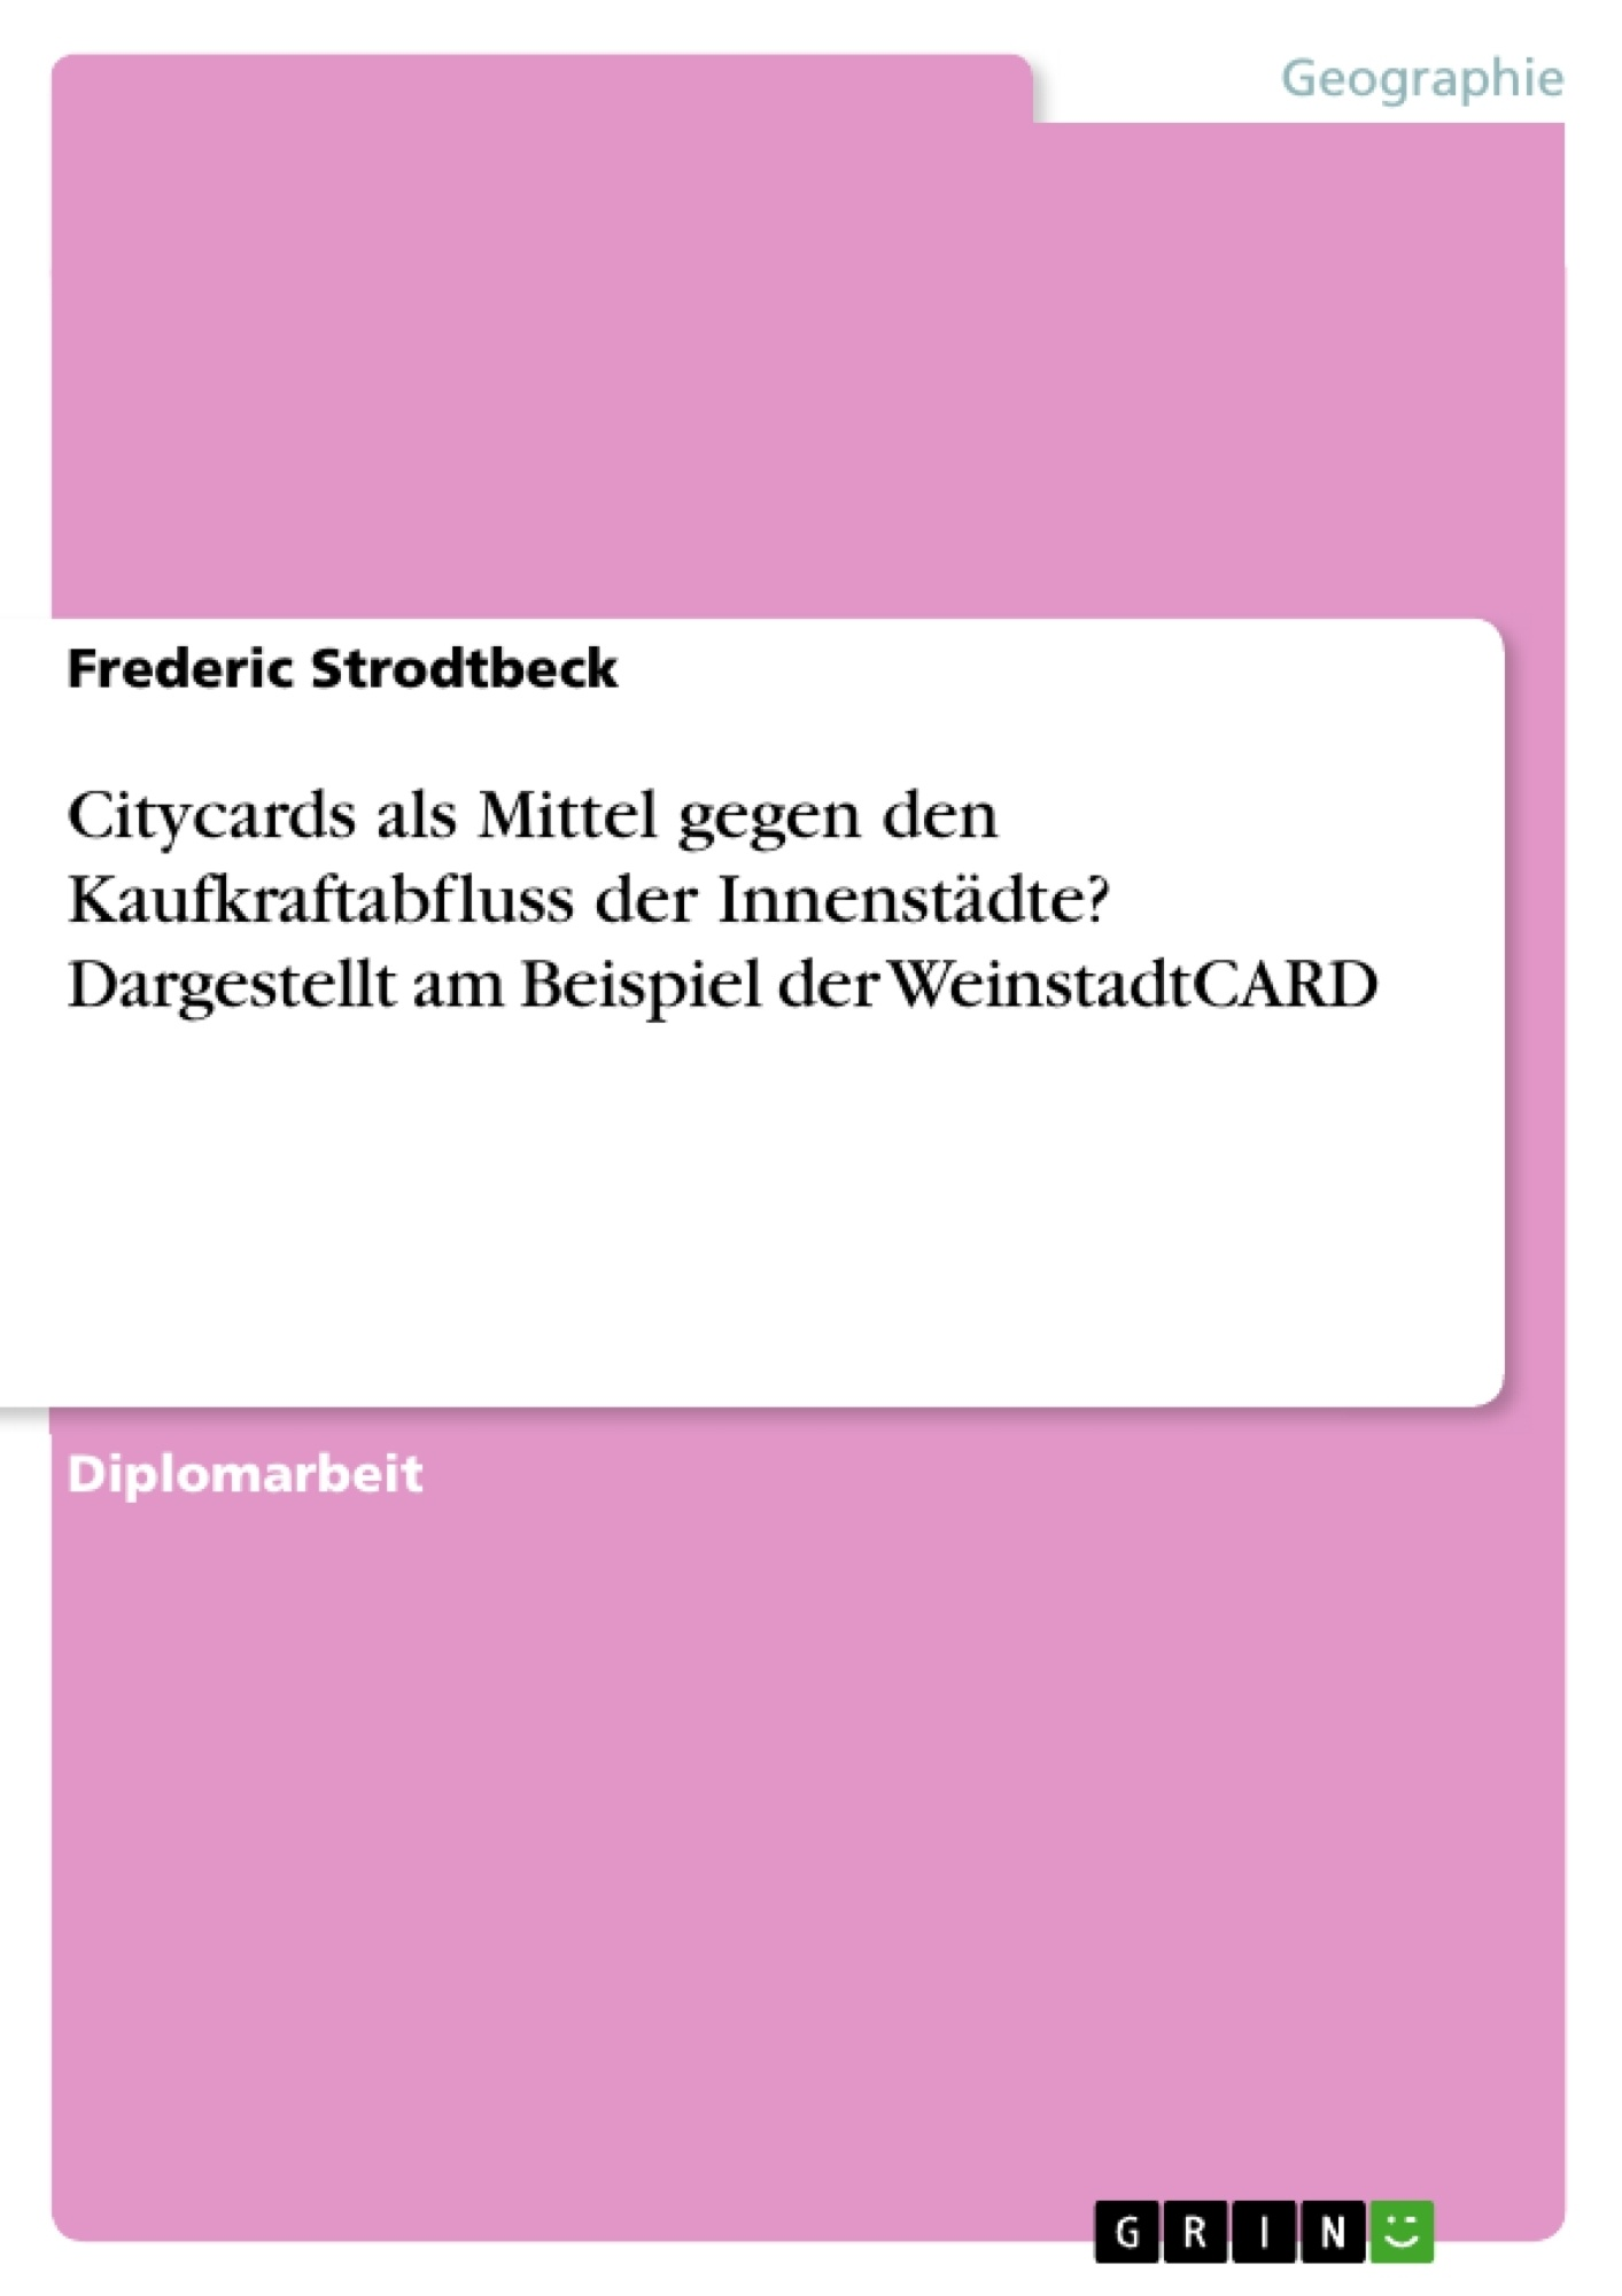 Titel: Citycards als Mittel gegen den Kaufkraftabfluss der Innenstädte? Dargestellt am Beispiel der WeinstadtCARD